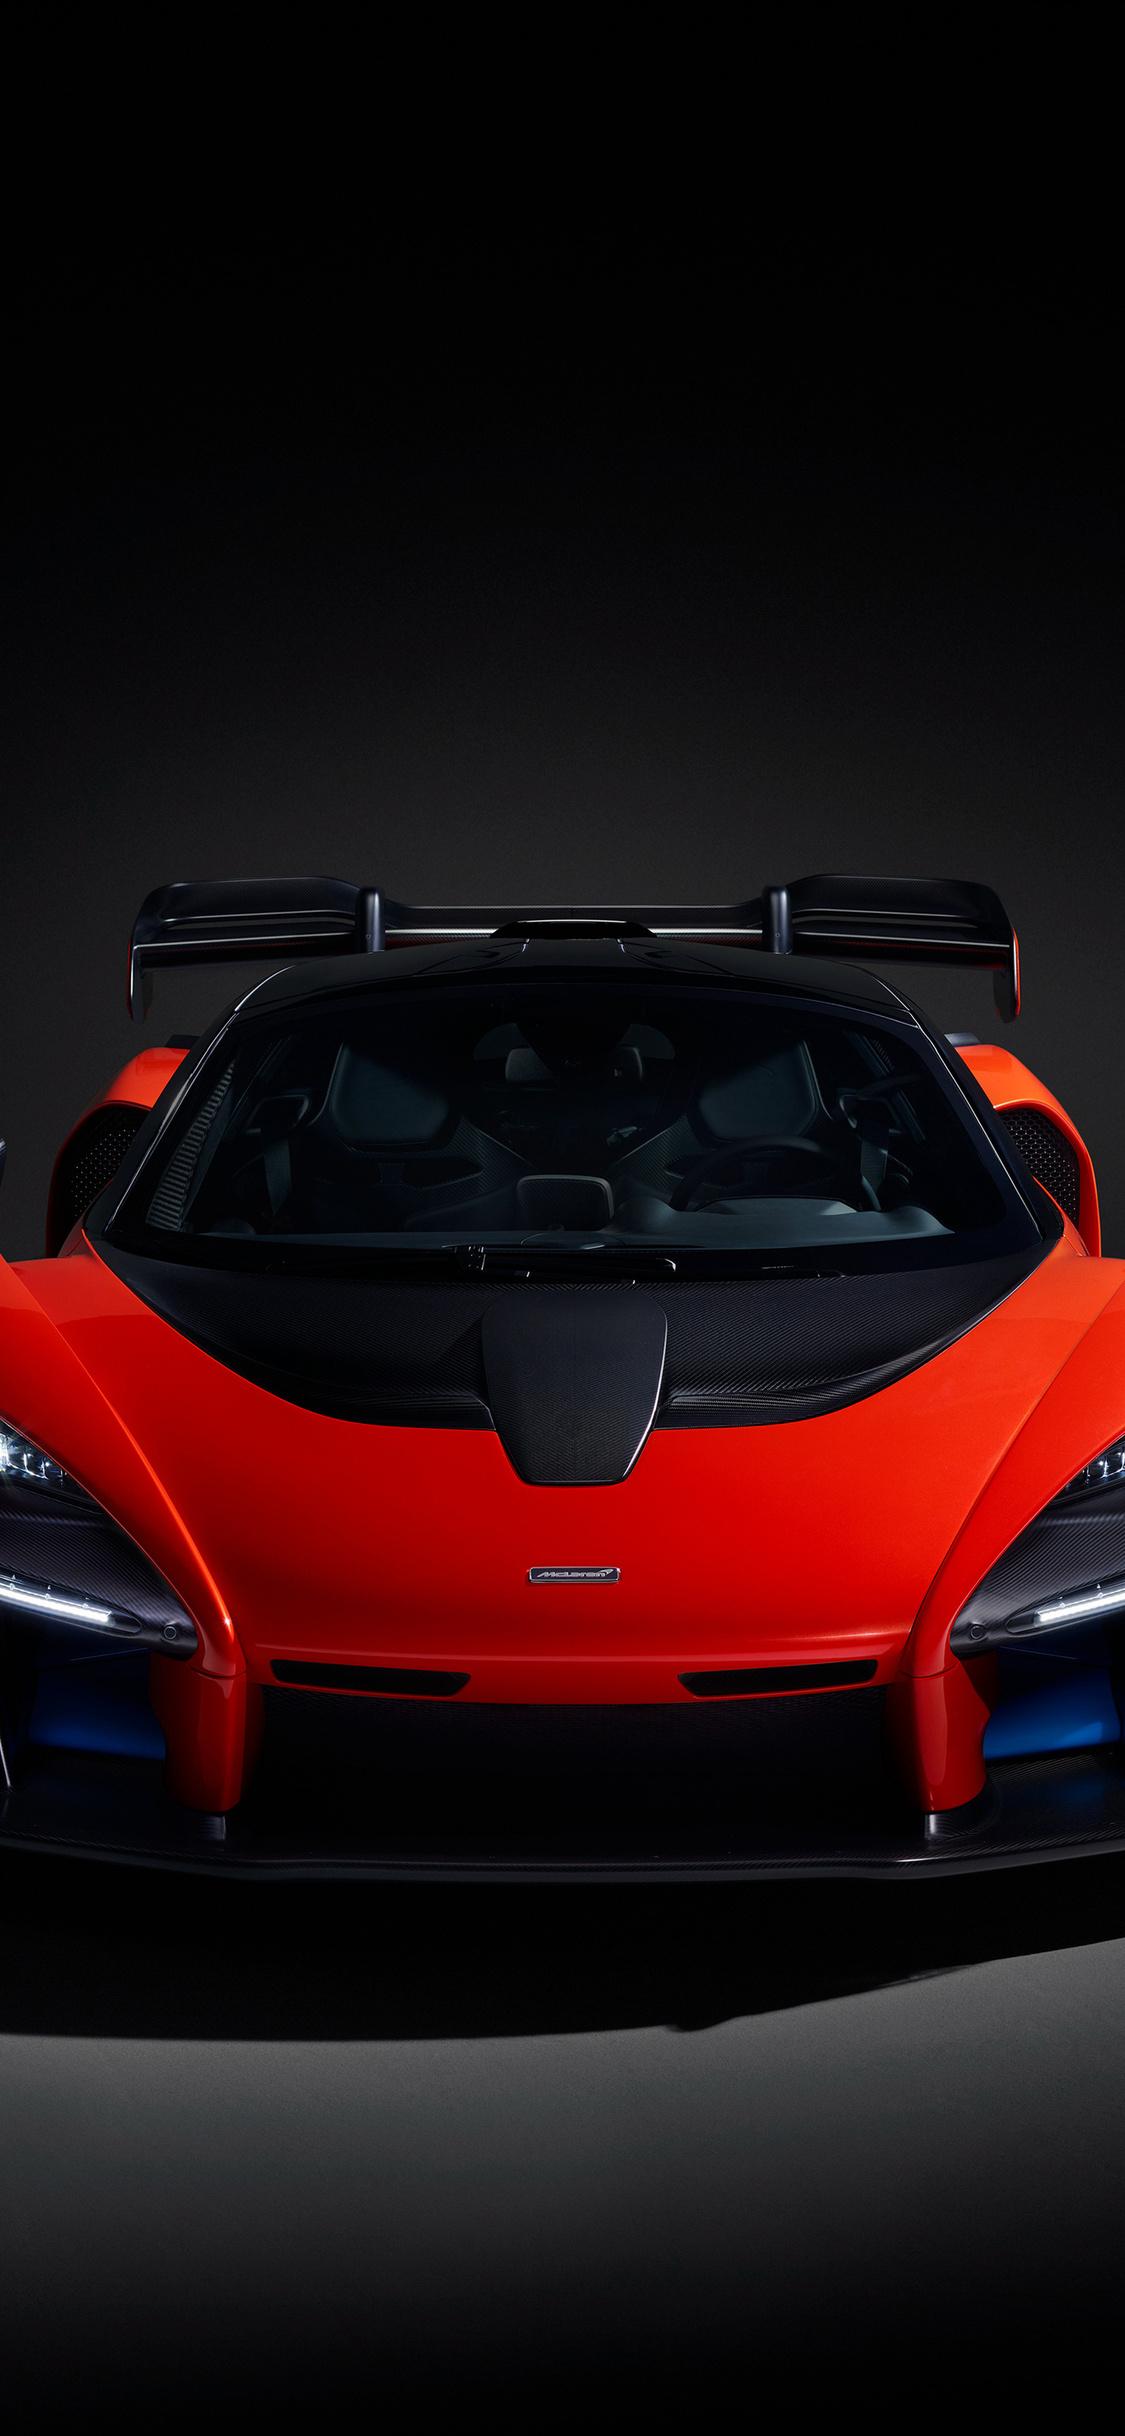 1125x2436 2018 McLaren Senna Front View Iphone XS,Iphone ...